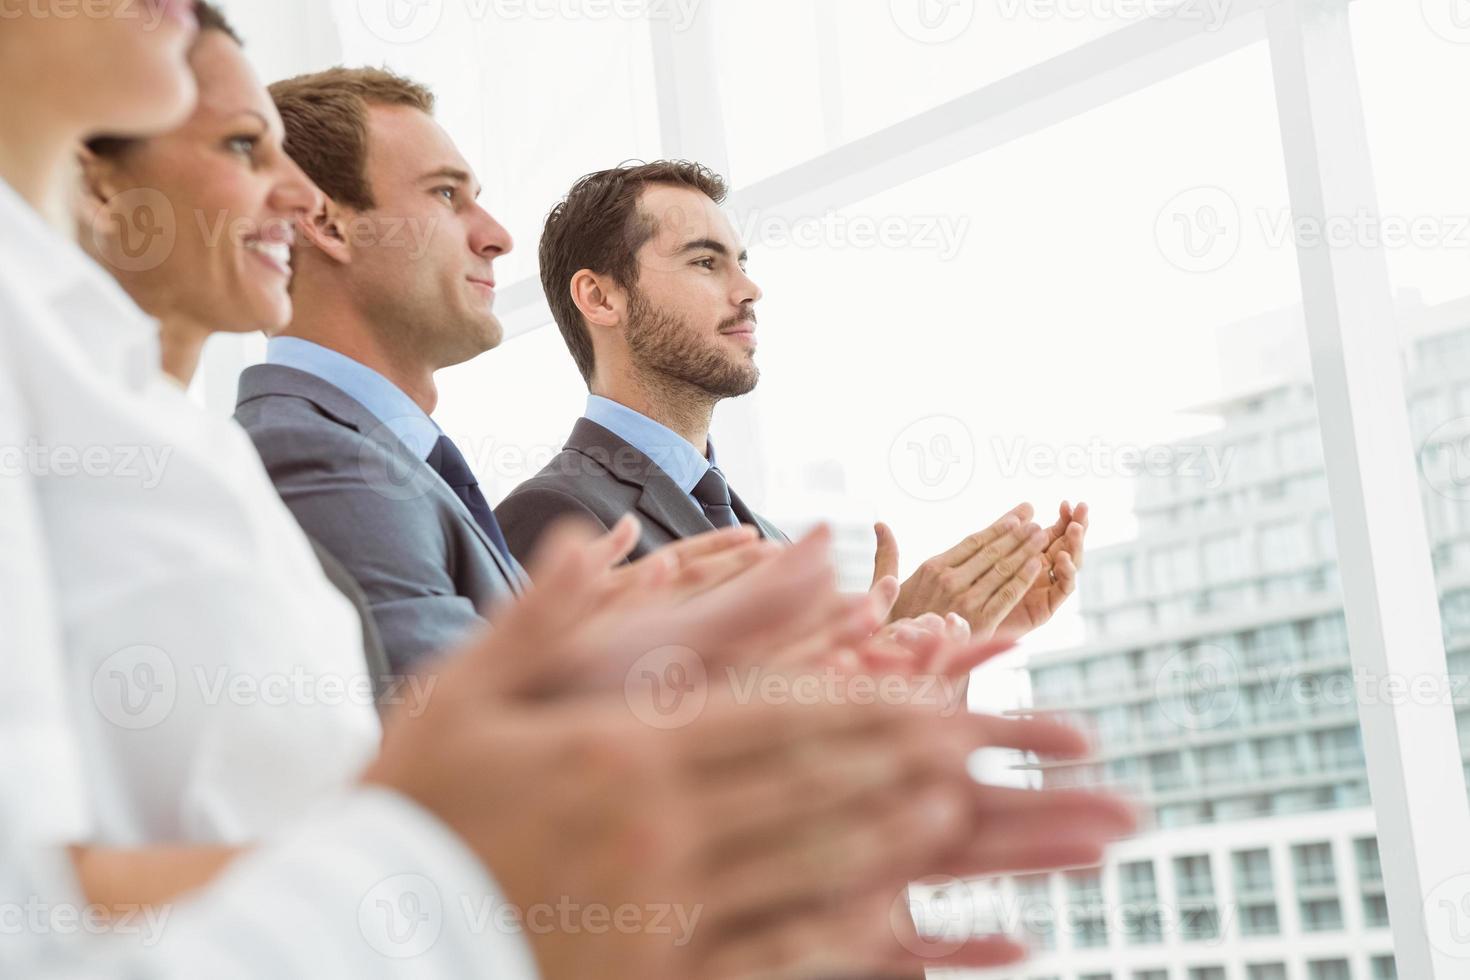 pessoas de negócios batendo palmas de mãos no escritório foto